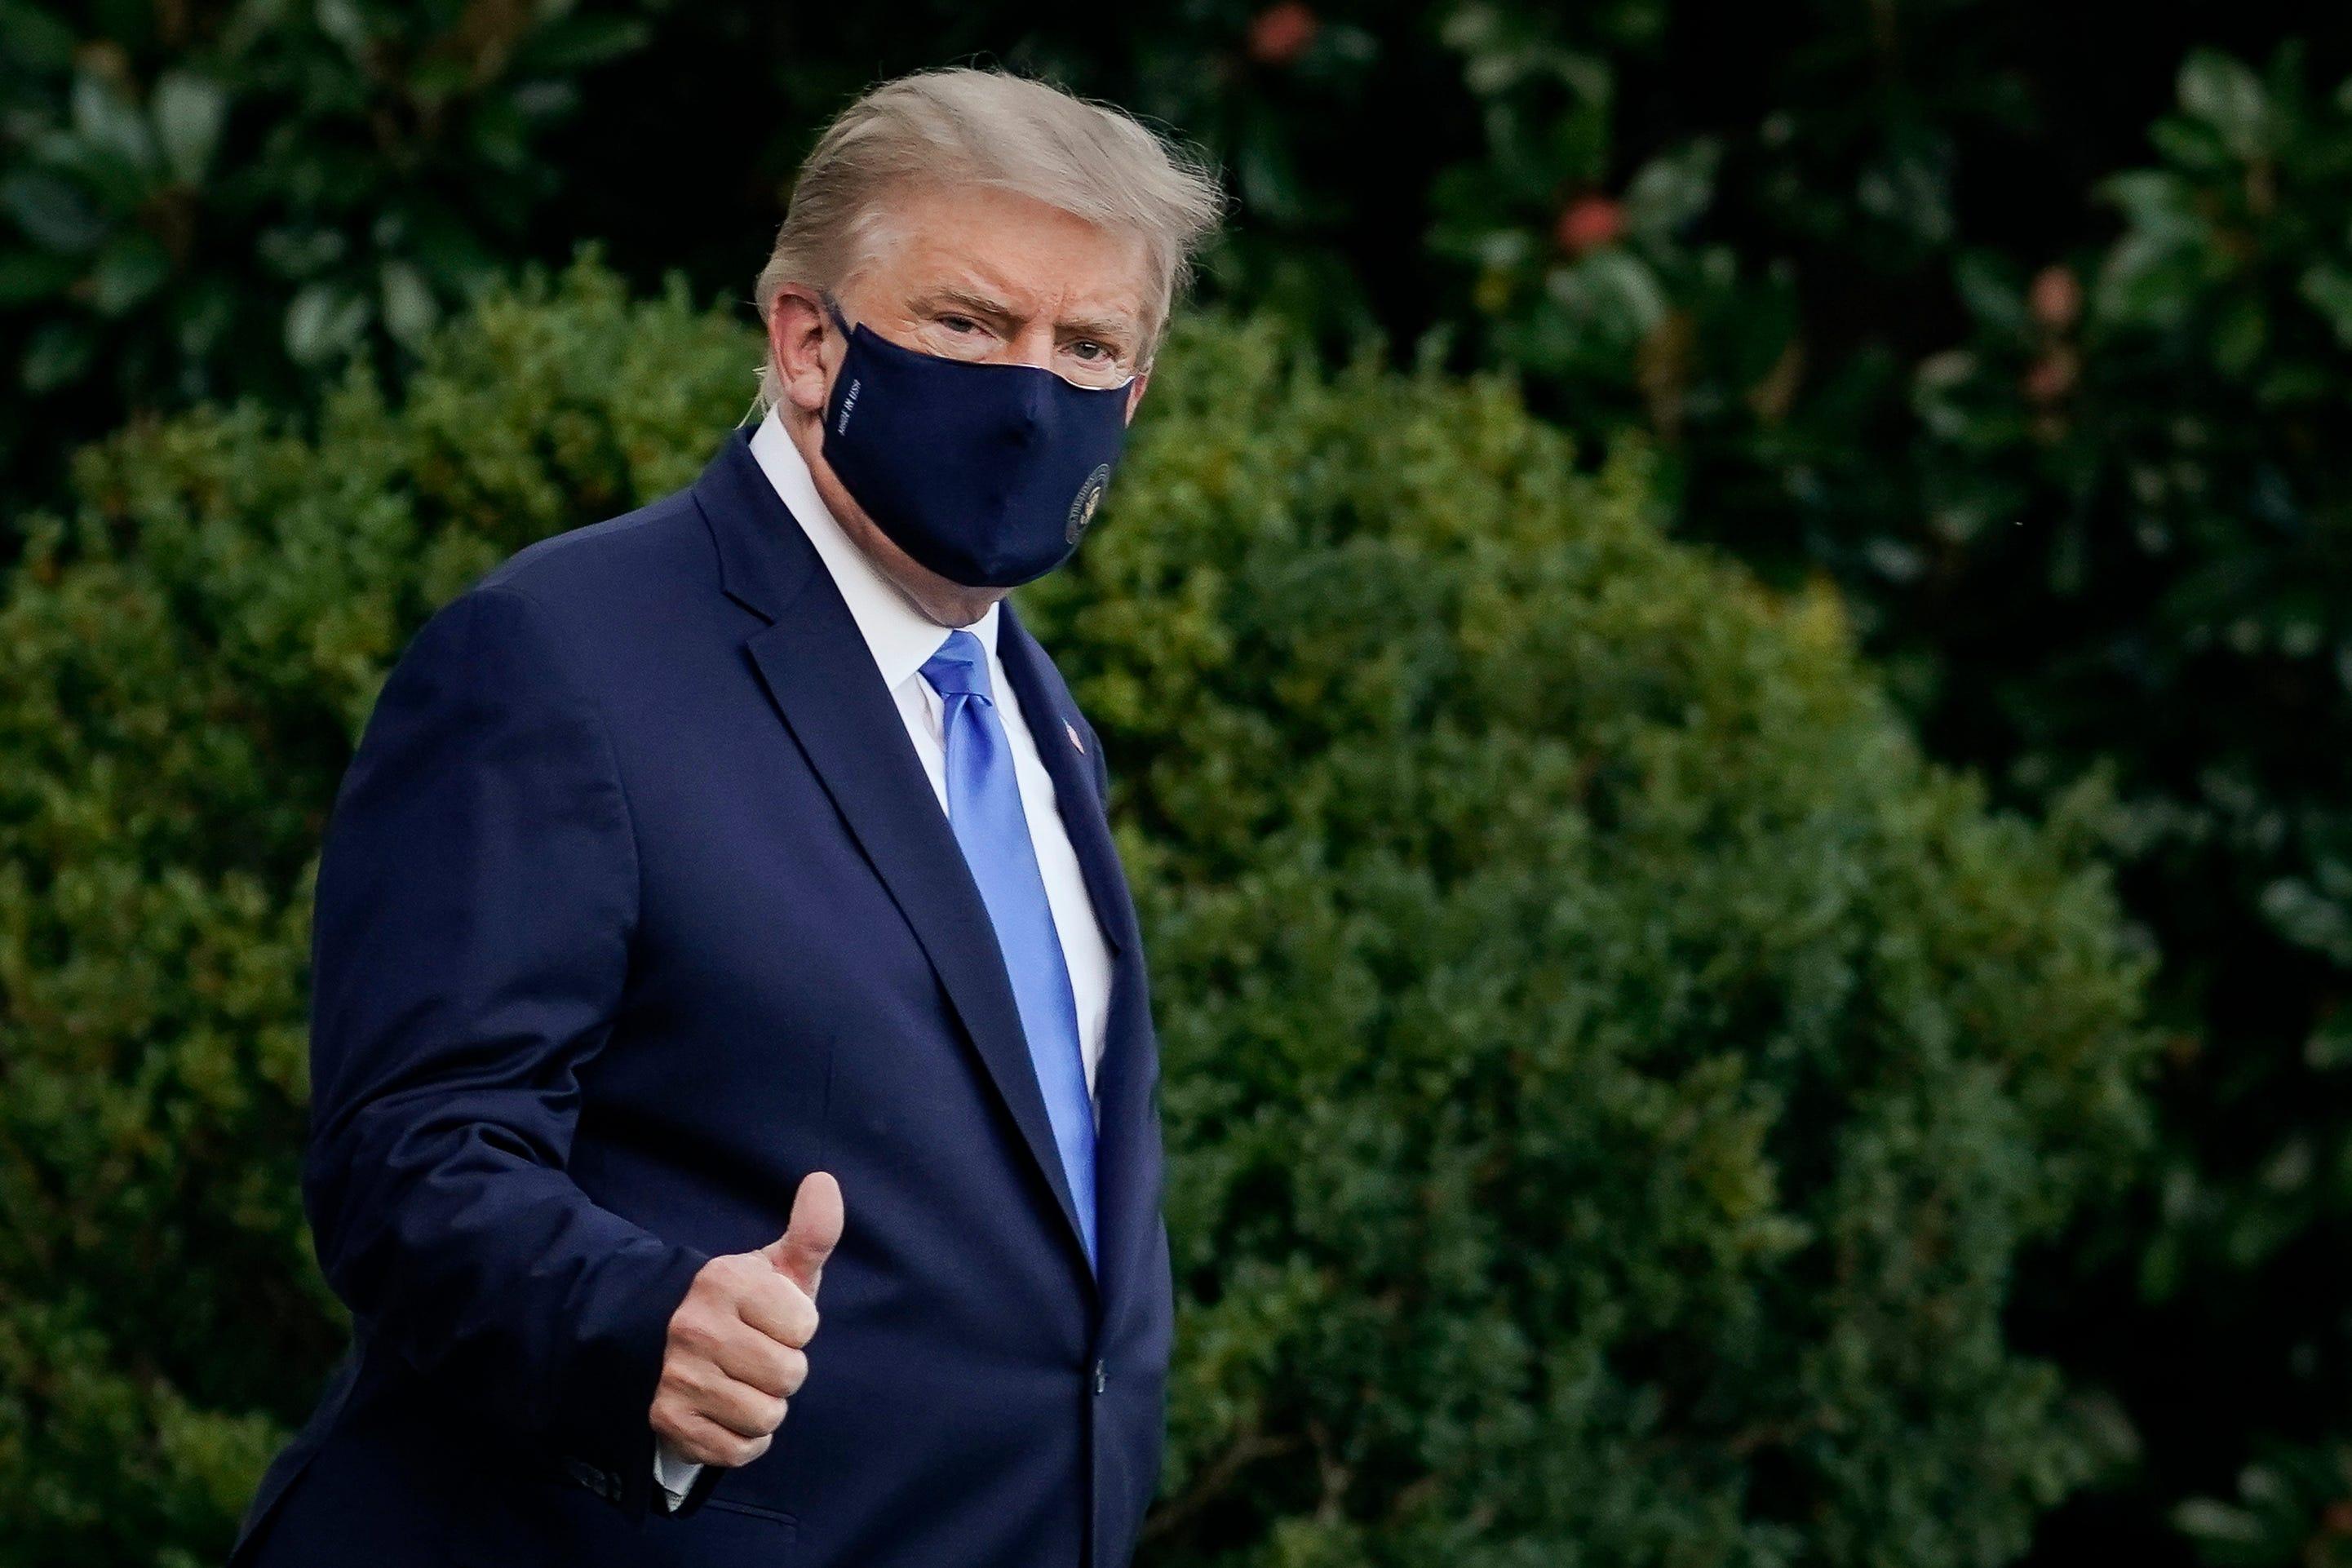 Đồng xu kỷ niệm 'Trump đánh bại COVID' cháy hàng